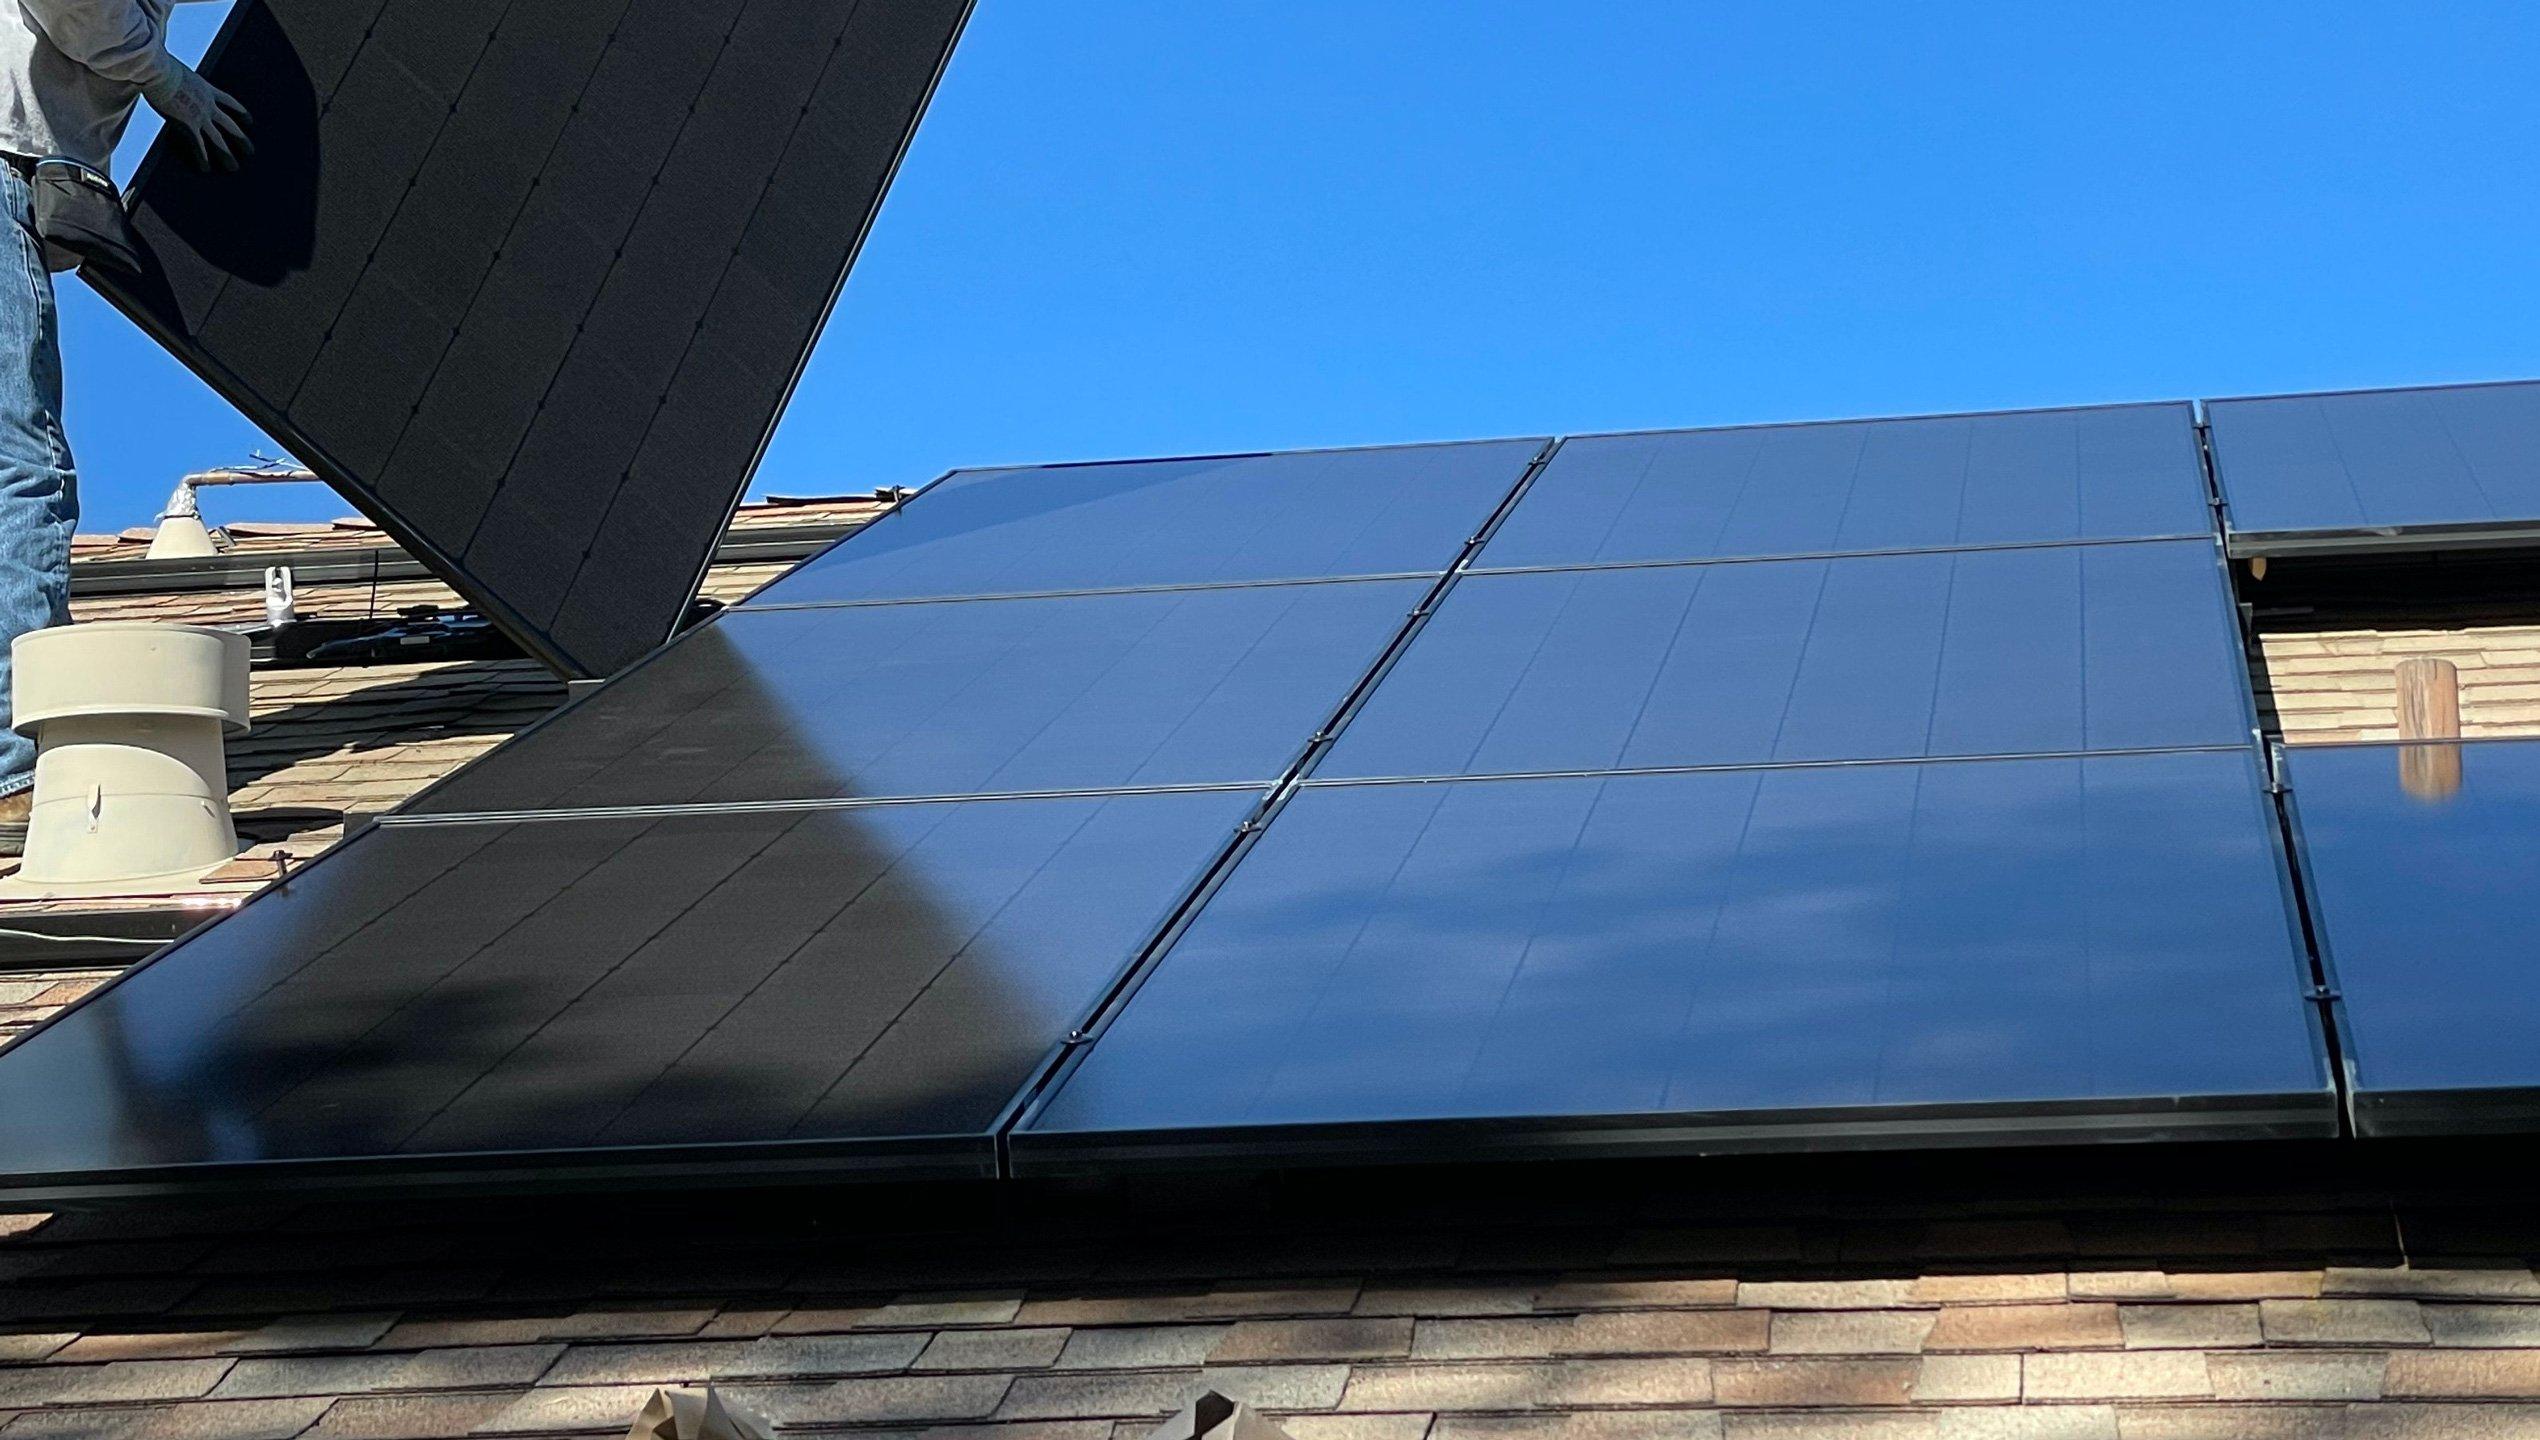 Photovoltaik-Versicherung, Informationen der SaFiVe GmbH & Co. KG ihrer Sachverständigen für Finanzen und Versicherungen im Raum Aschaffenburg